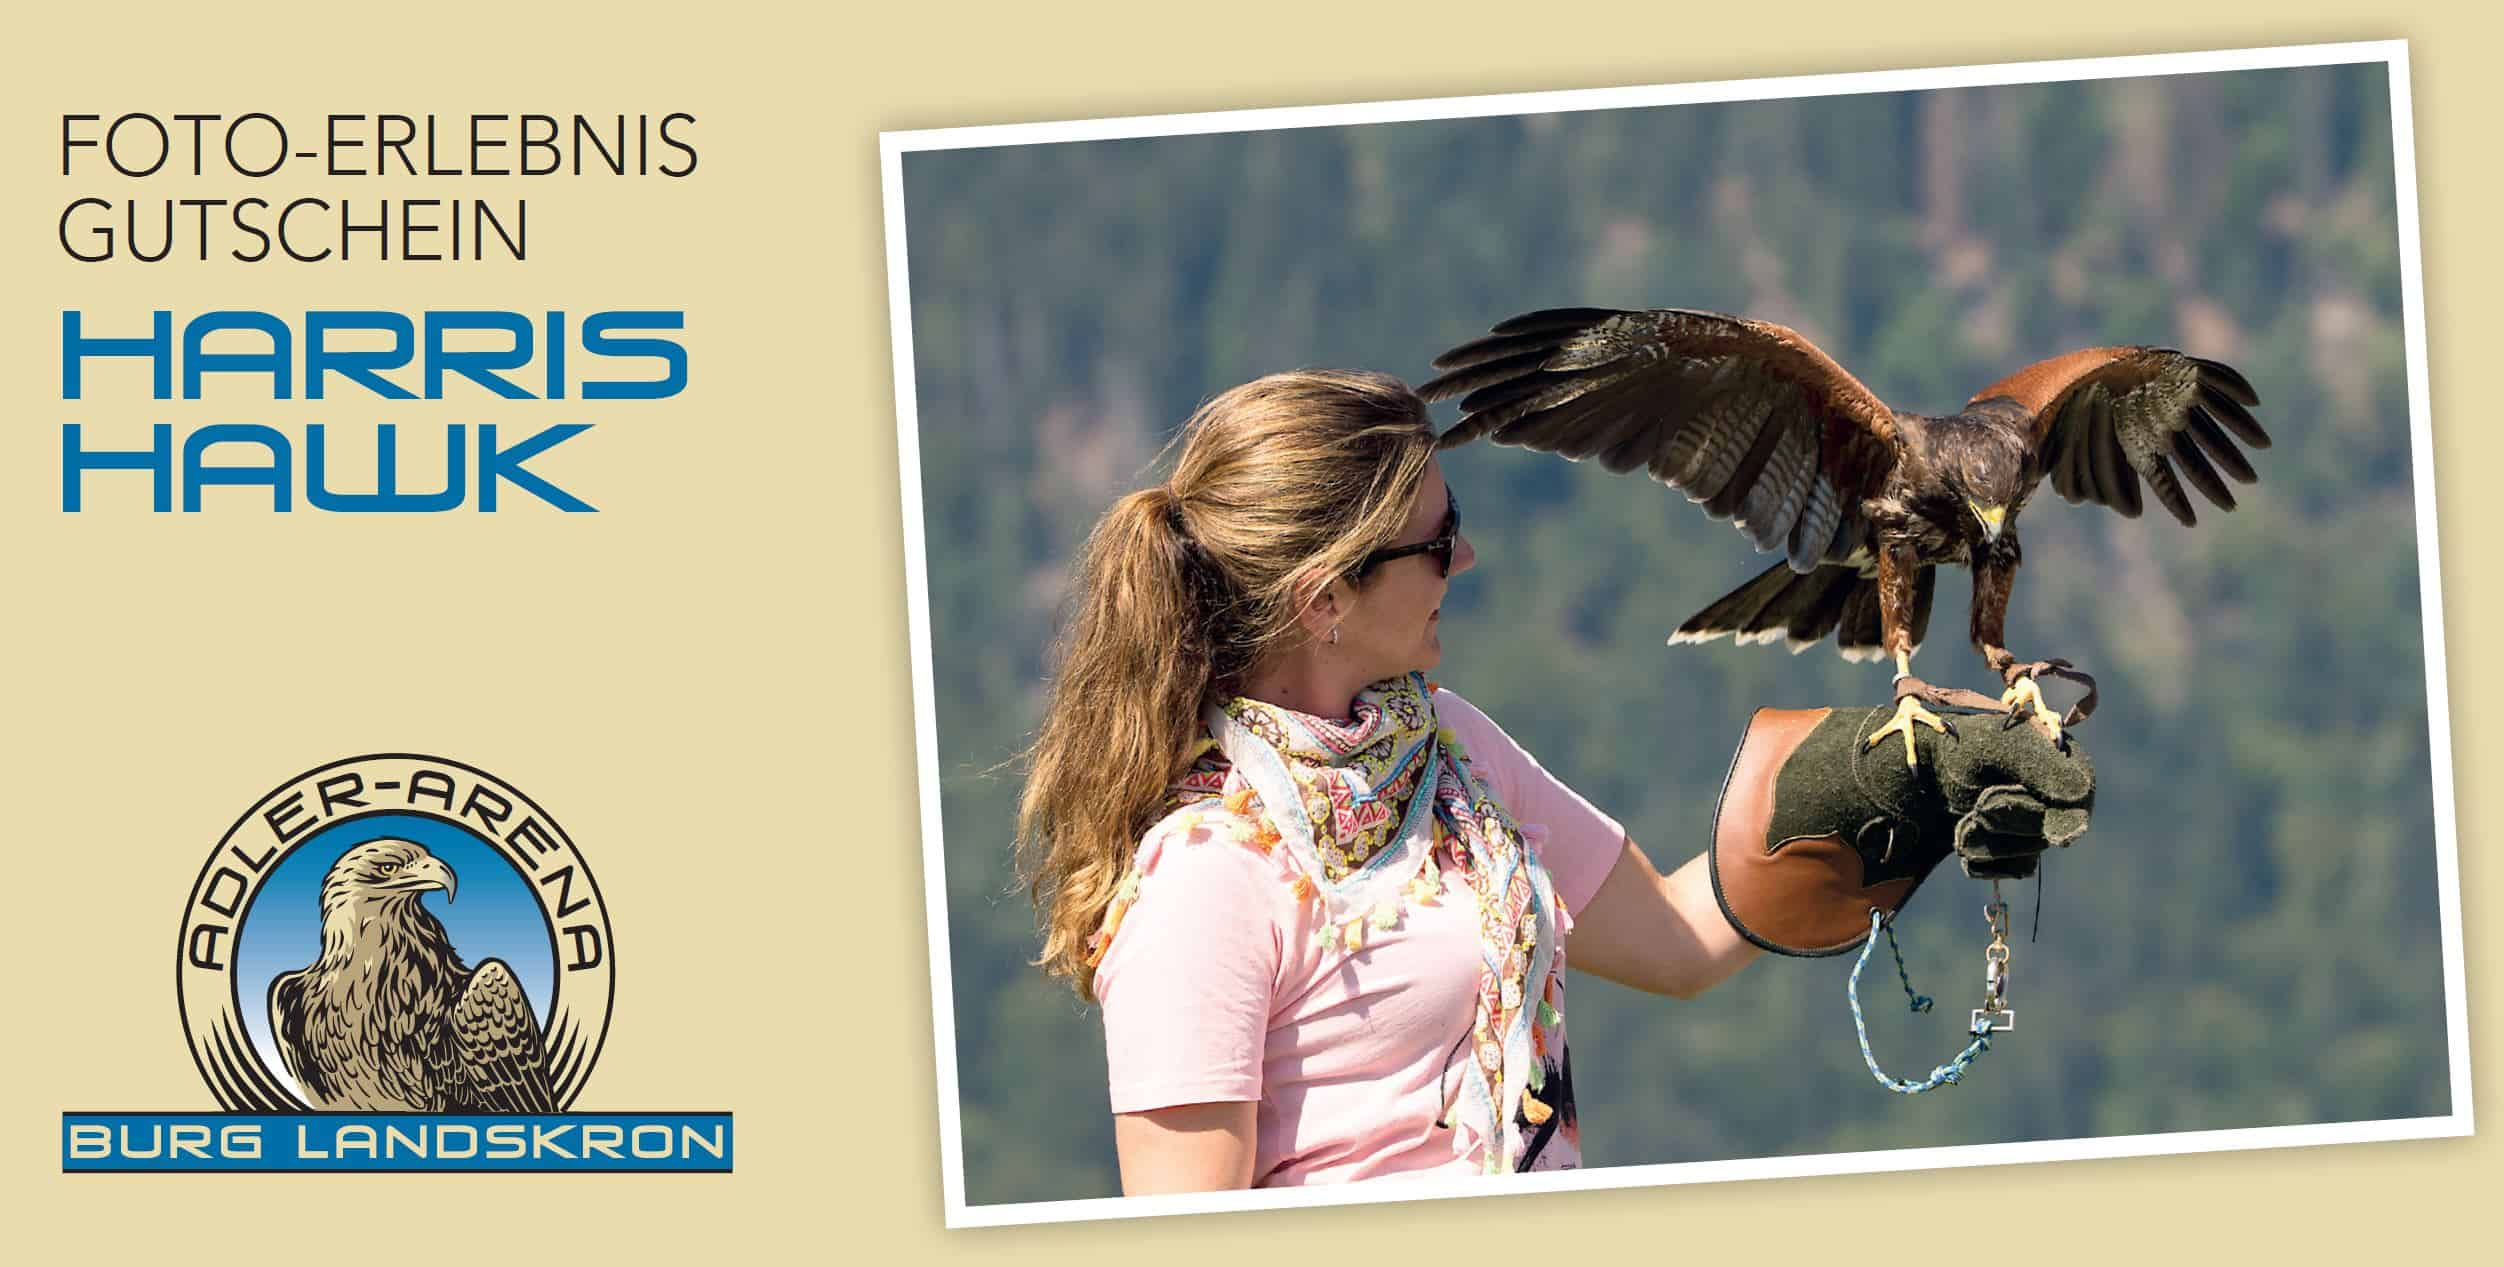 Gutschein für Foto mit Greifvogel Harris Hawk auf der Adlerarena Burg Landskron in Kärnten - Urlaub in Österreich am Ossiacher See